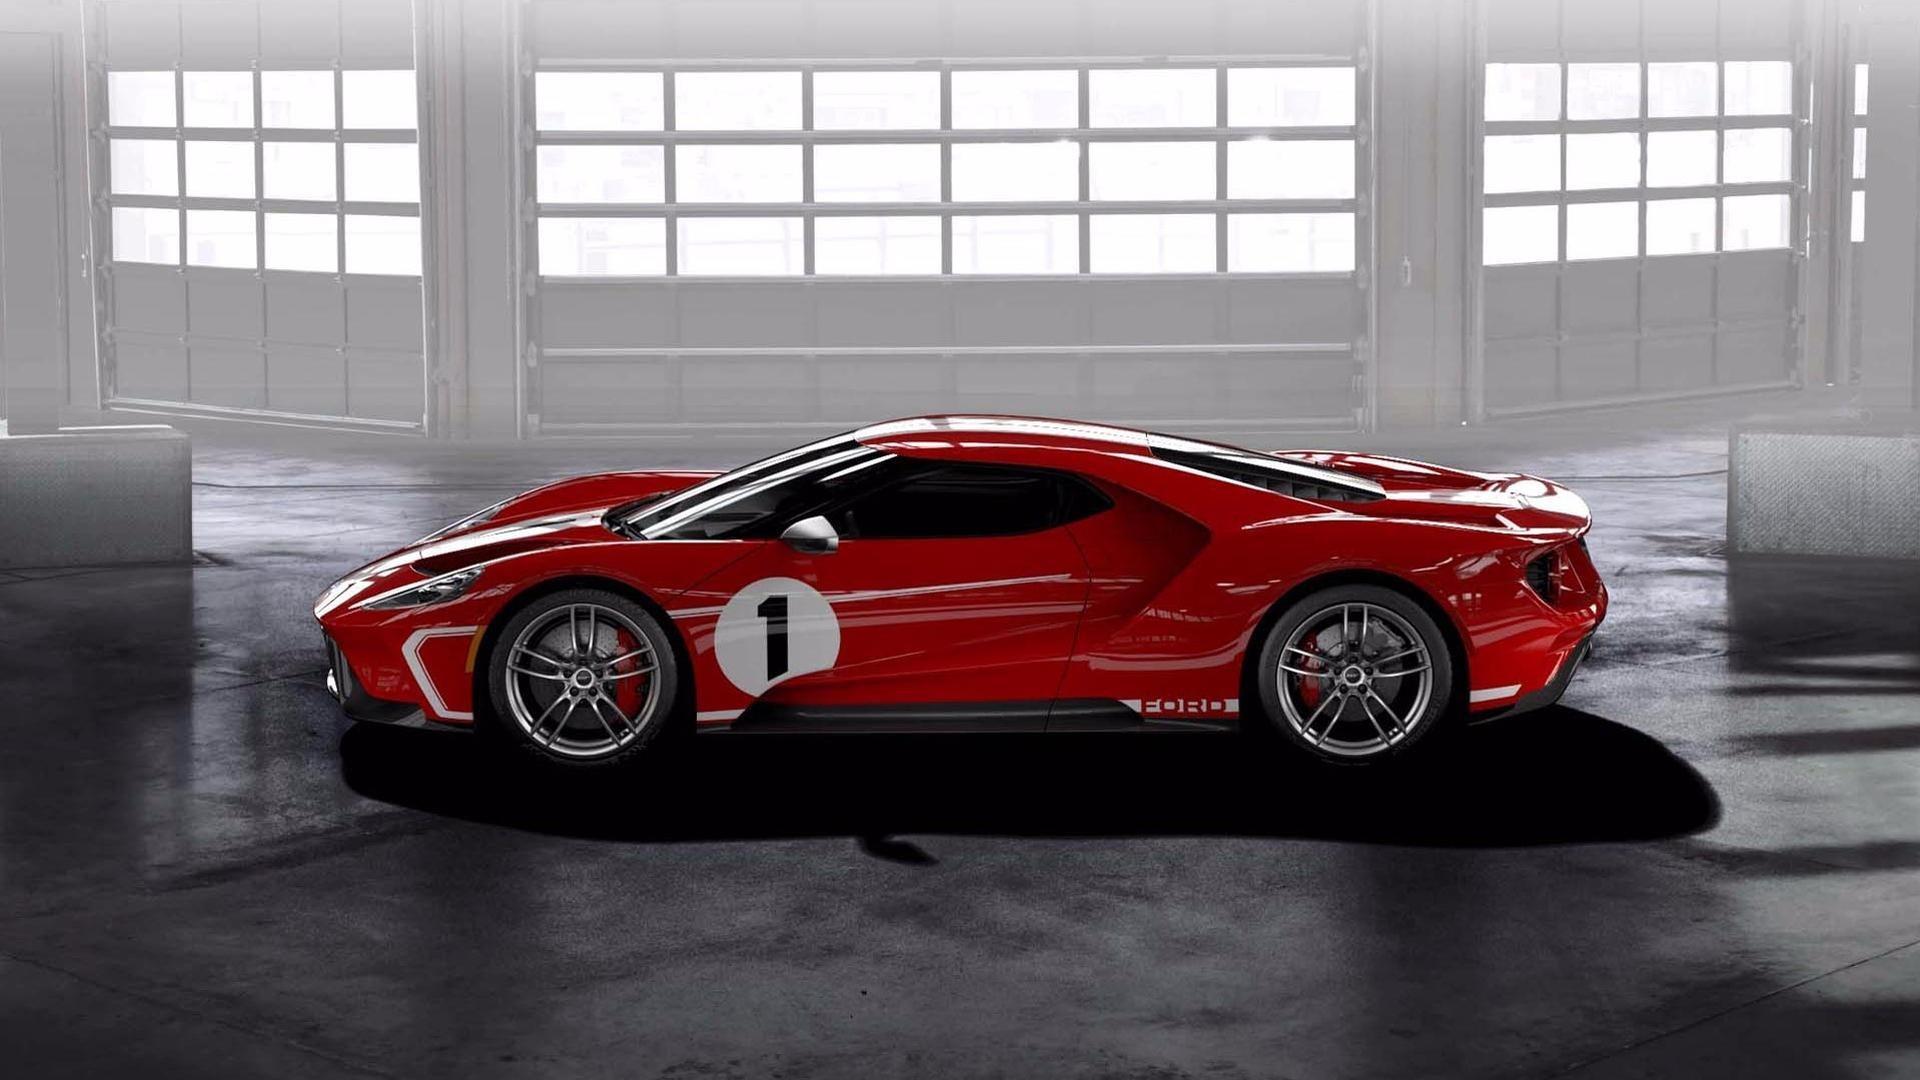 Forddévoile la superbe GT 67 Heritage Edition( très ) limitée !